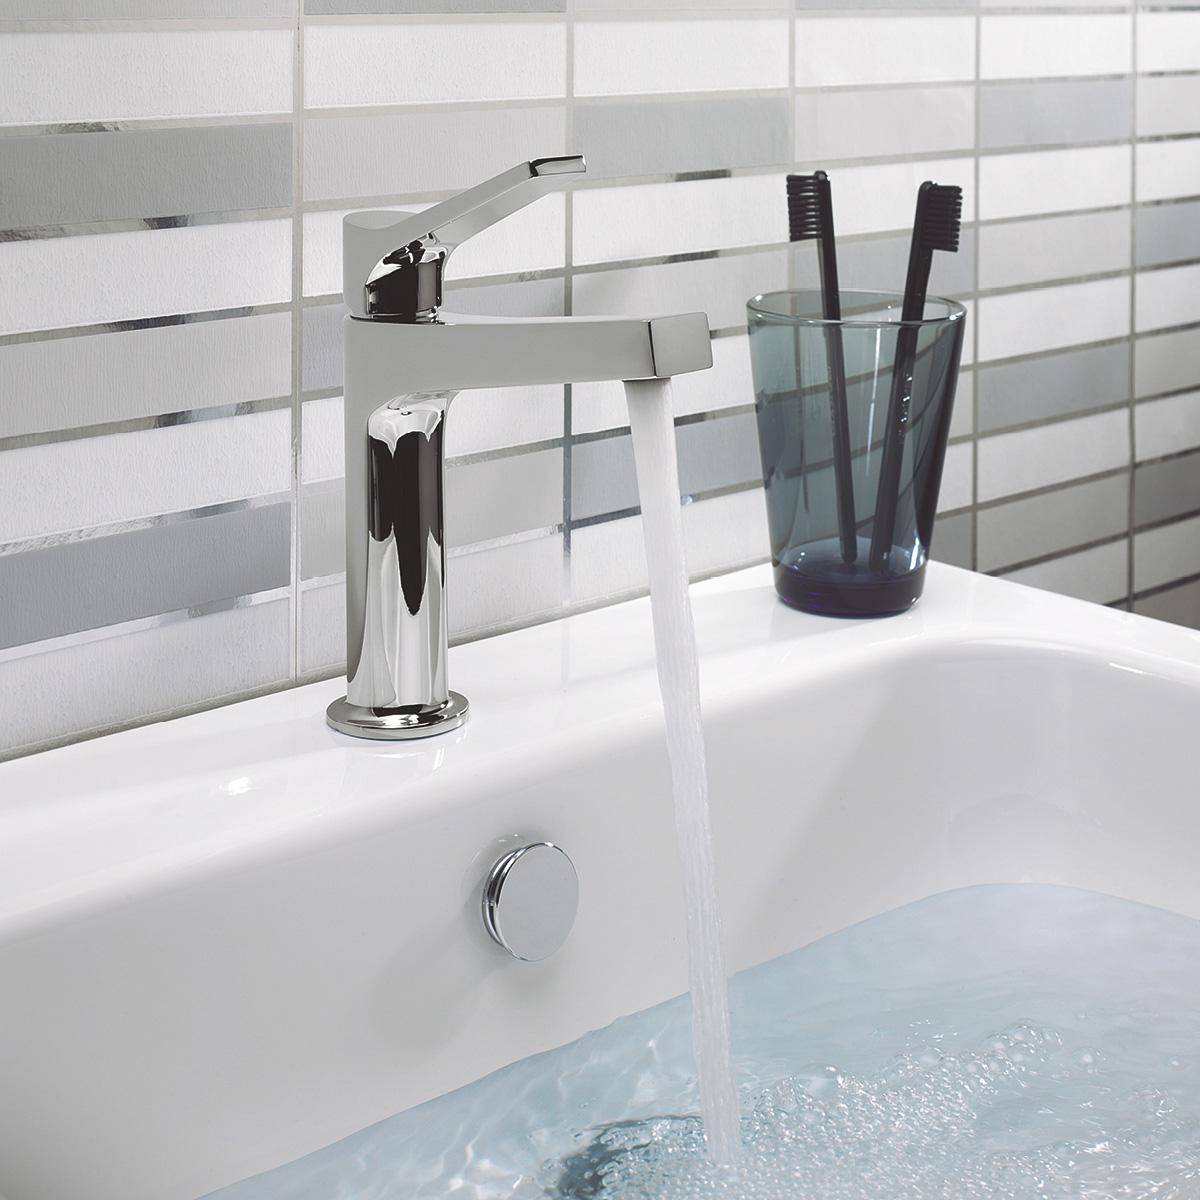 Acute Basin Mixer